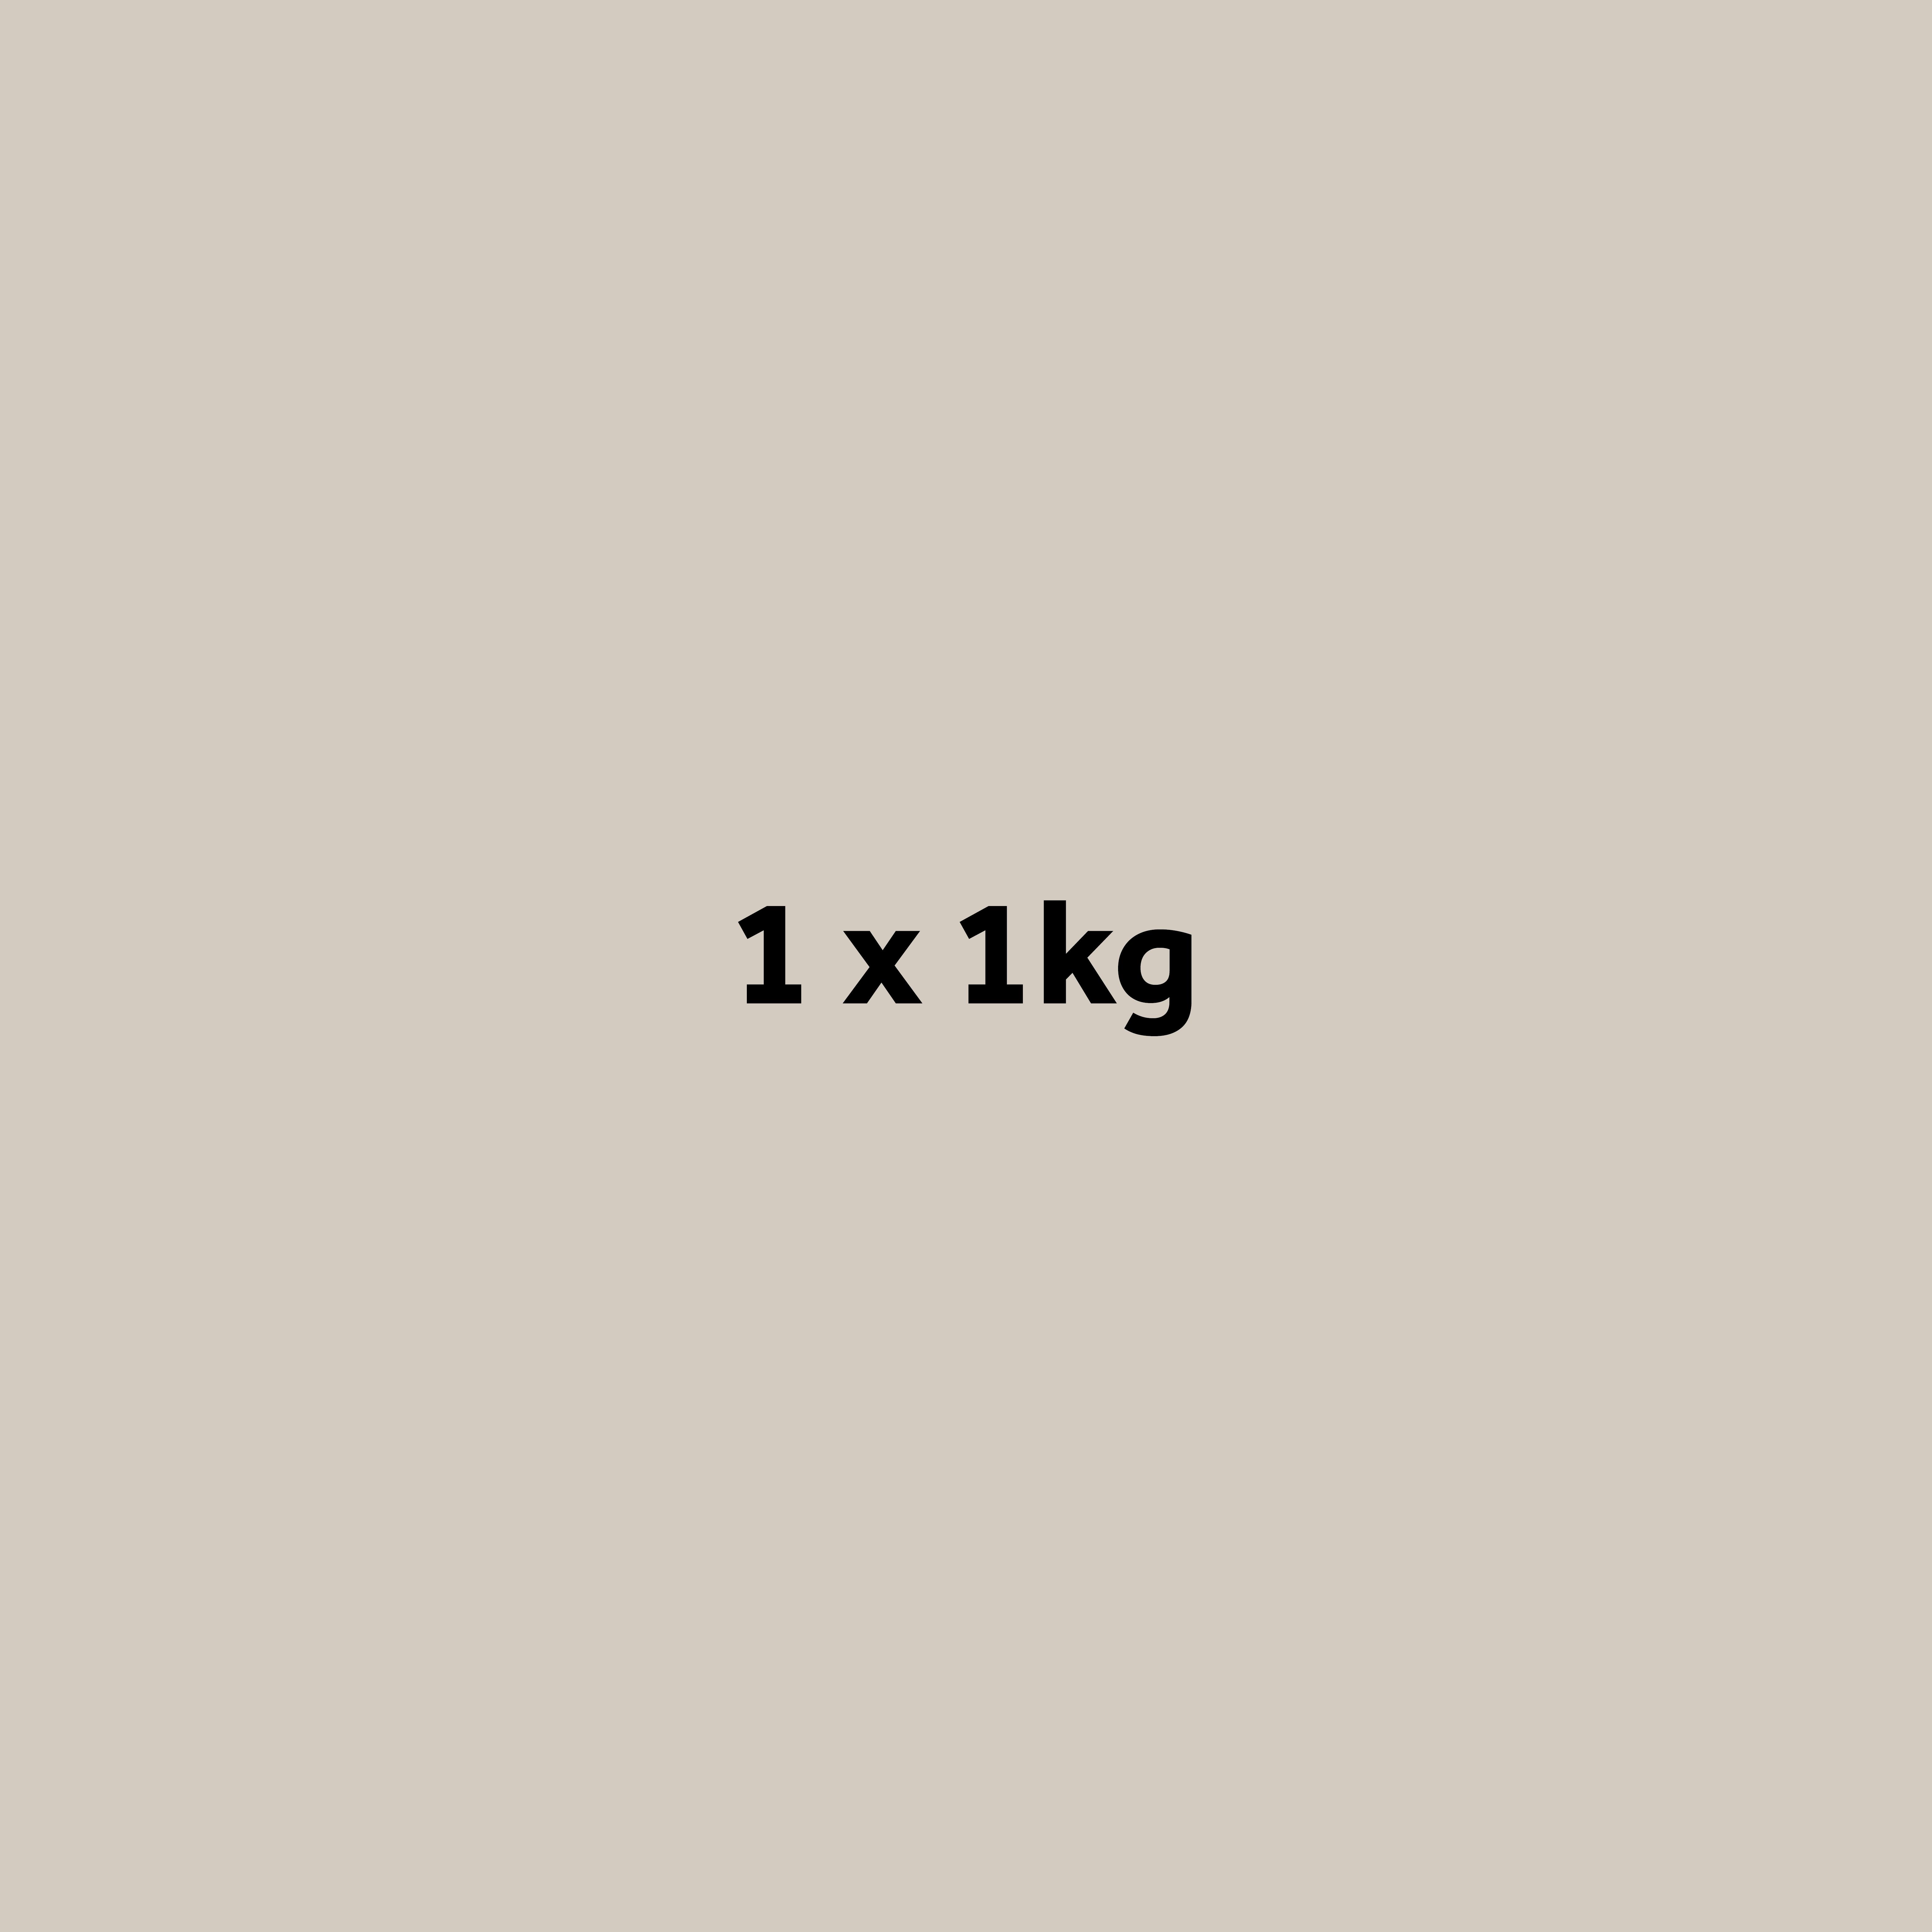 1 x 1kg